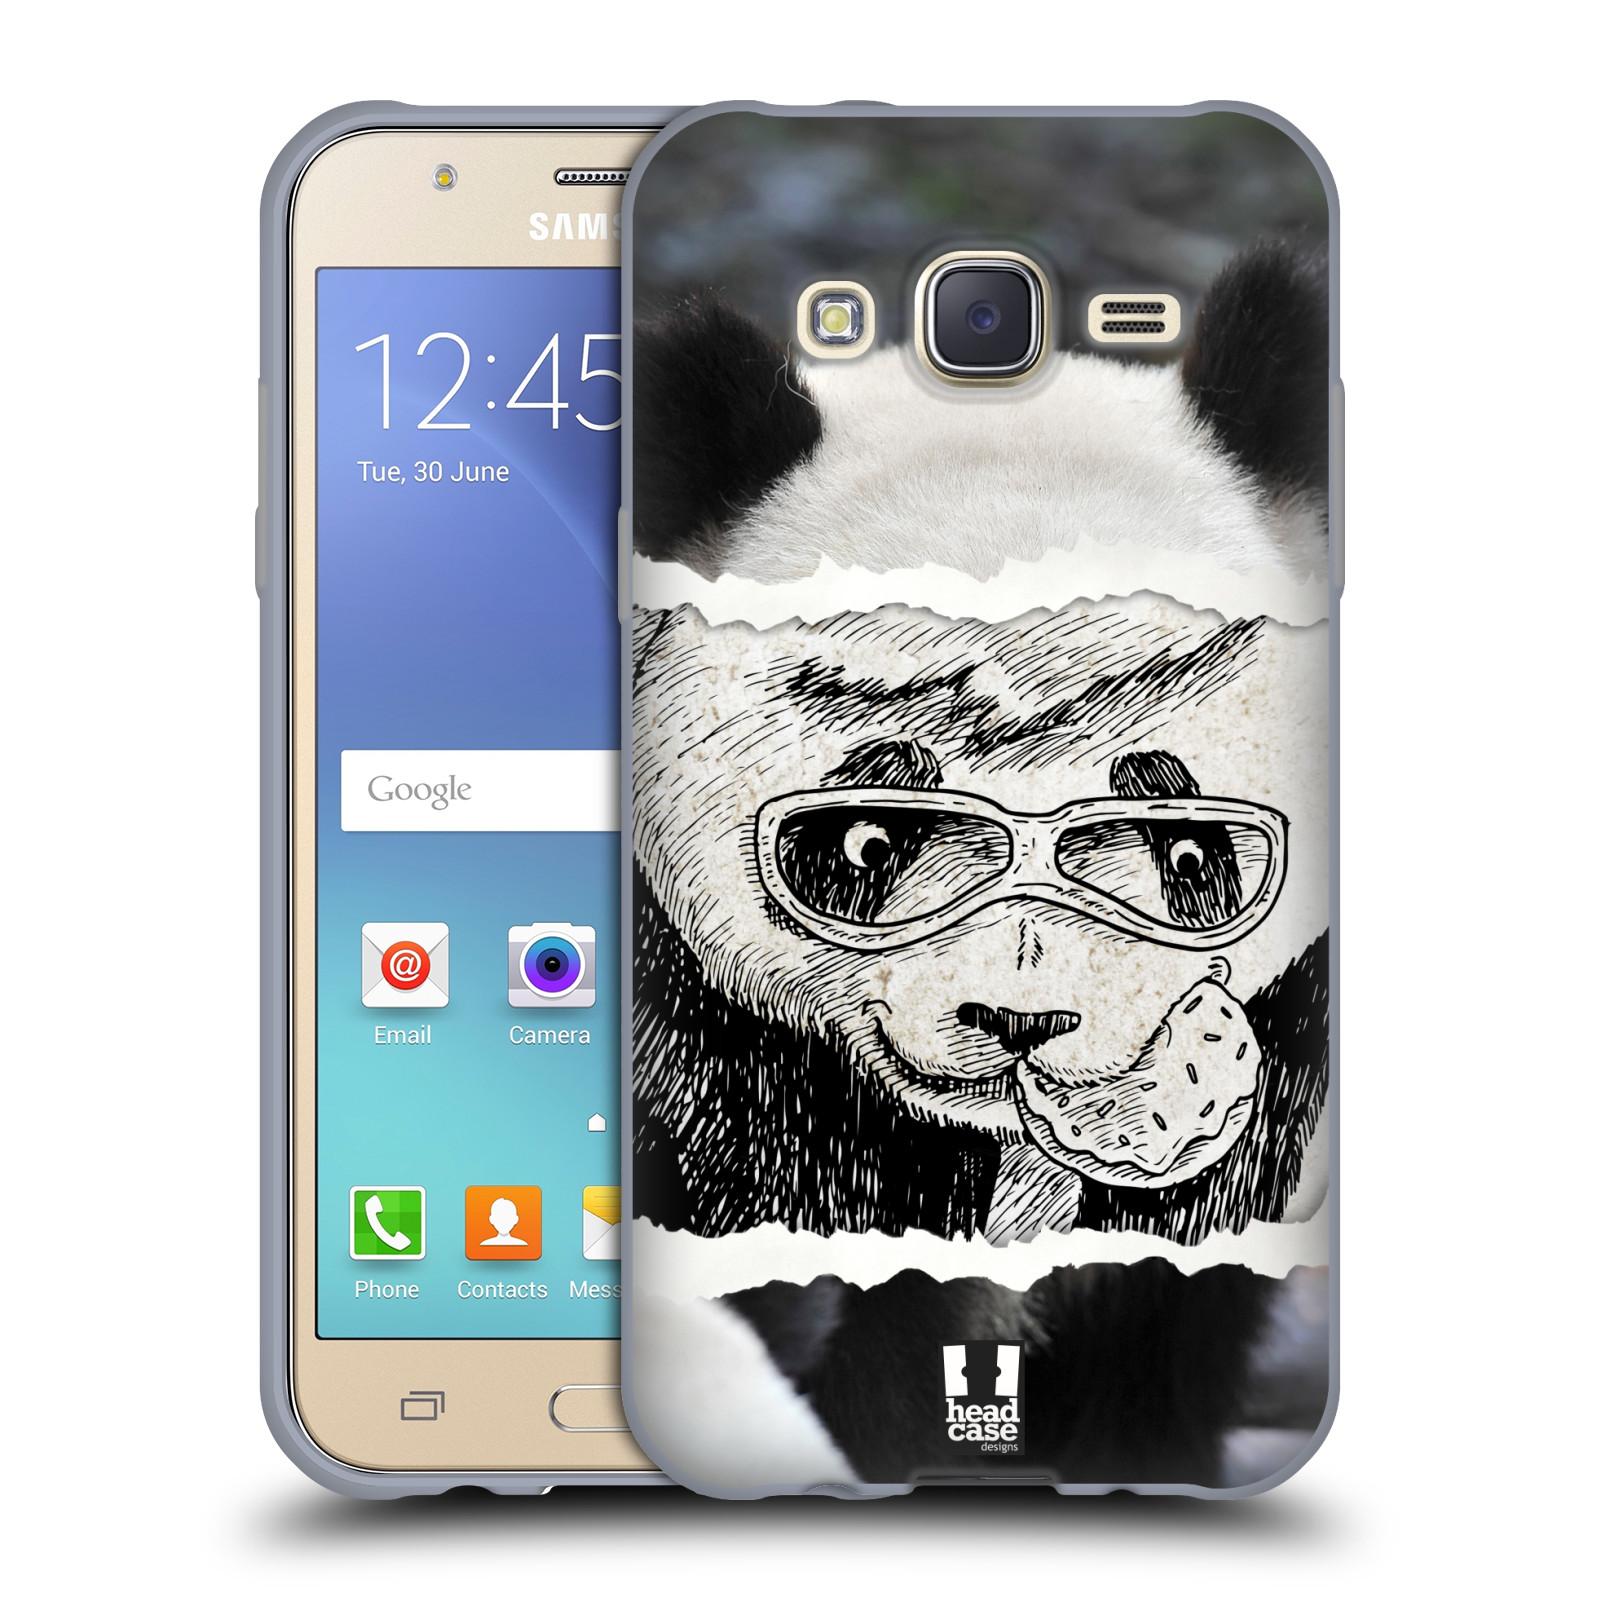 HEAD CASE silikonový obal na mobil Samsung Galaxy J5, J500, (J5 DUOS) vzor zvířata koláž roztomilá panda